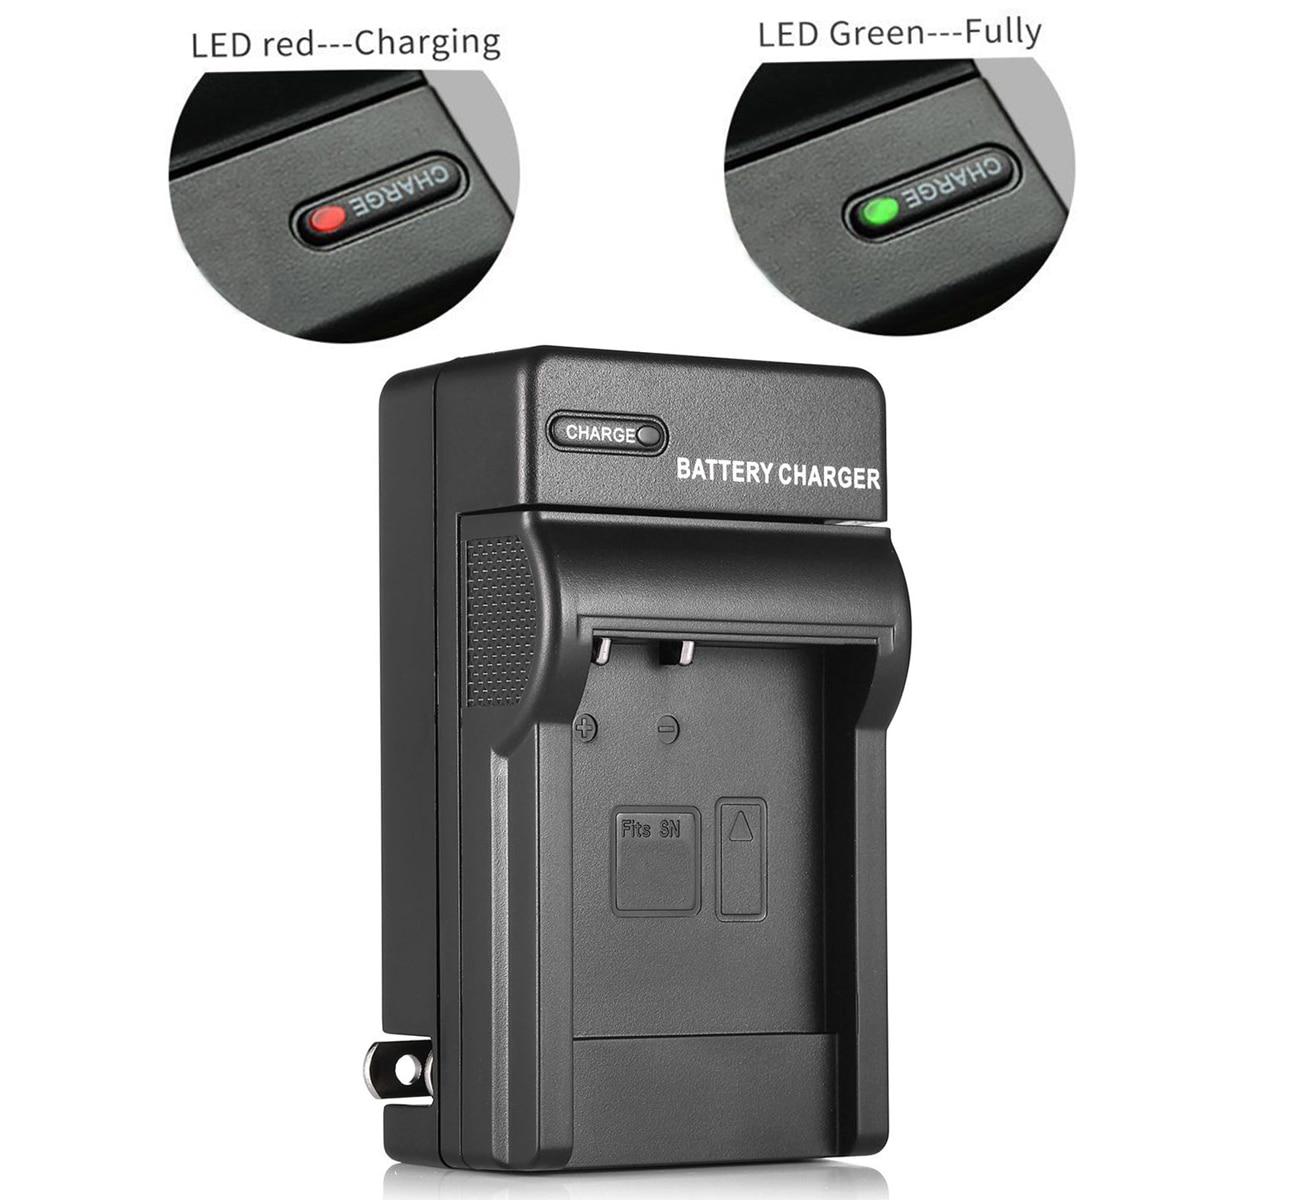 DZ-HS500E DZ-HS500SW LCD Quick Battery Charger for Hitachi DZ-HS500A DZ-HS501E Camcorder